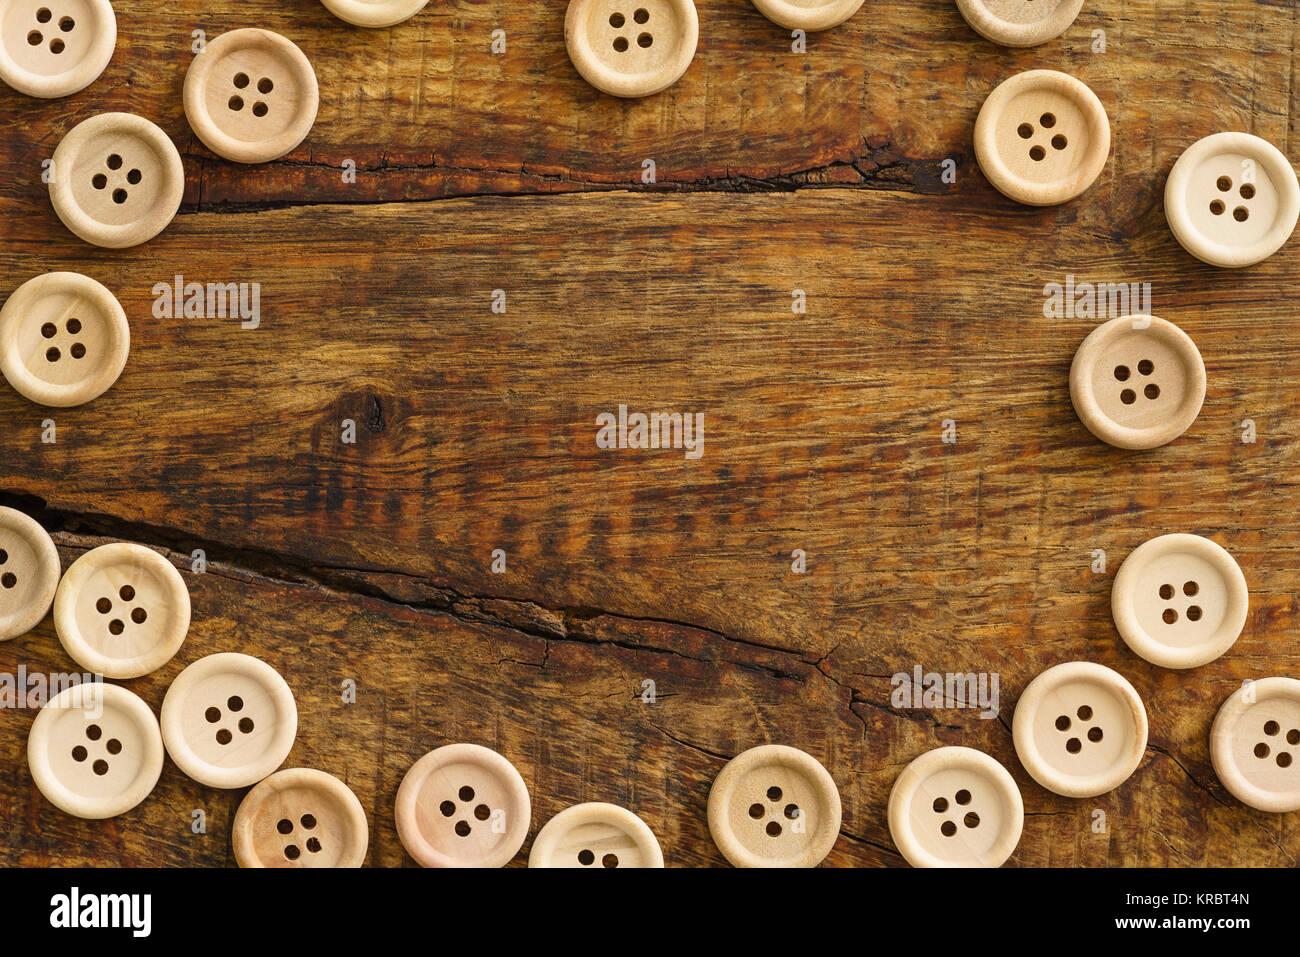 Sammlung von Holzknöpfe Stockfoto